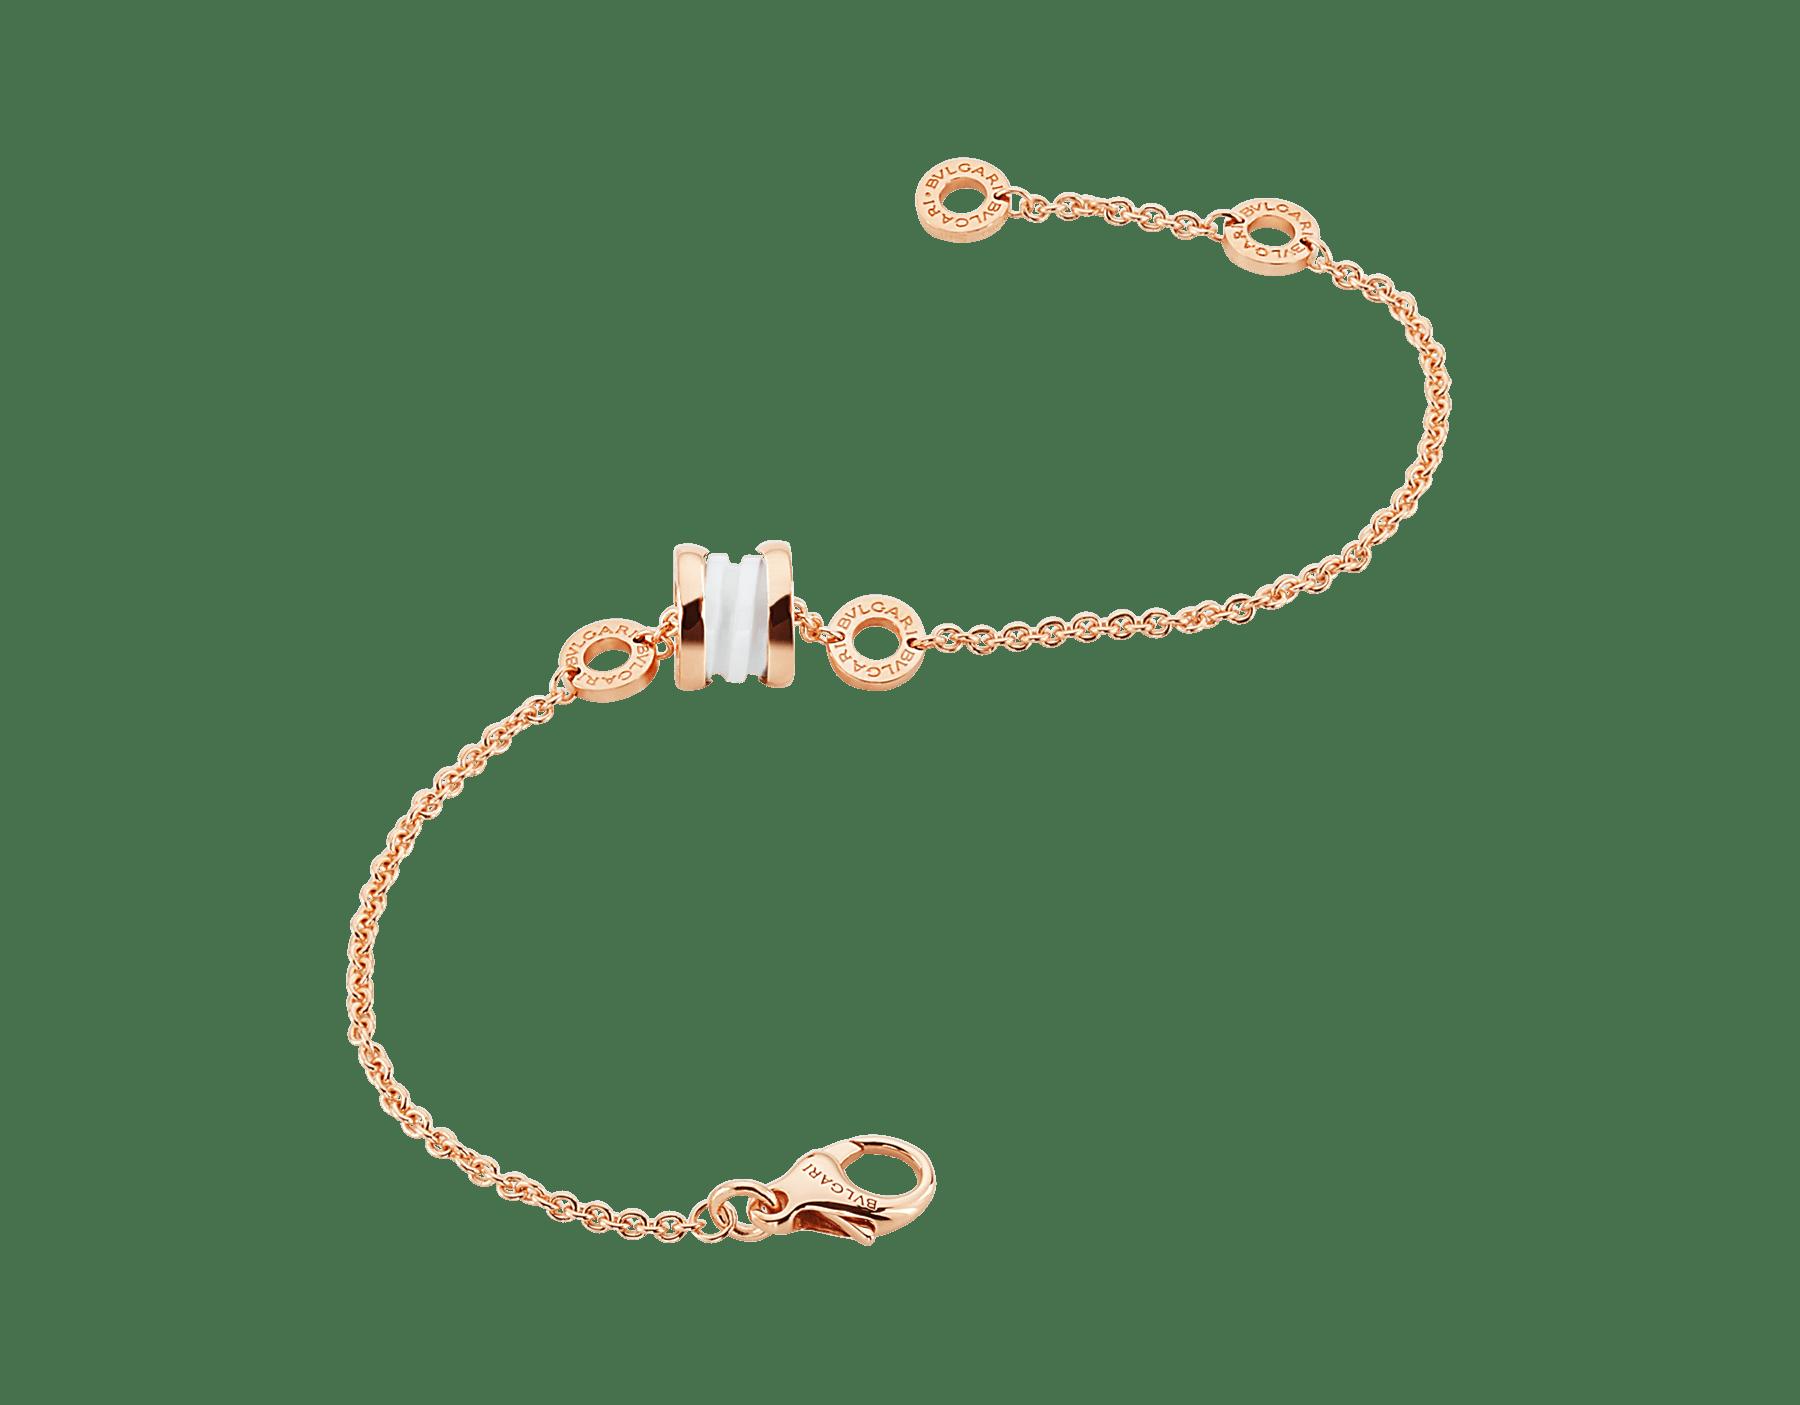 Pulseira B.zero1 em ouro rosa 18K com pingente em ouro rosa 18K e cerâmica branca. BR858158 image 2